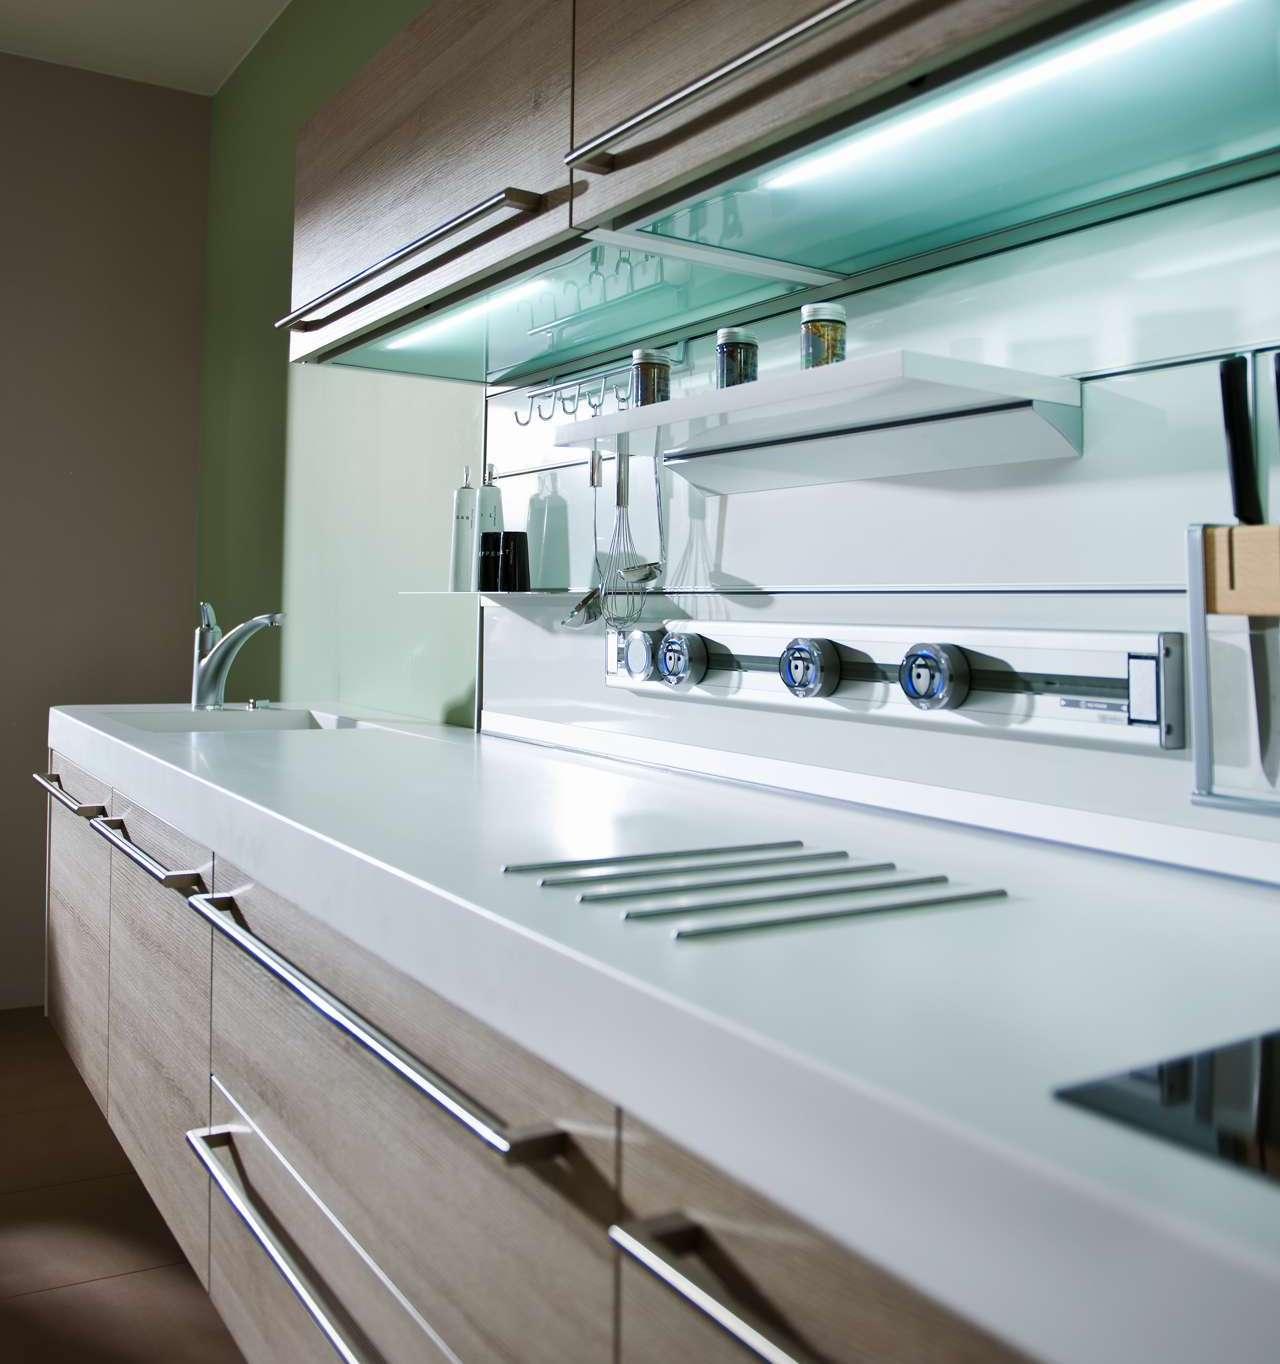 Full Size of Rückwand Küche Folie Nischenrückwand Küche Weiß Video Küchenrückwand Rückwand Küche Poco Küche Nischenrückwand Küche